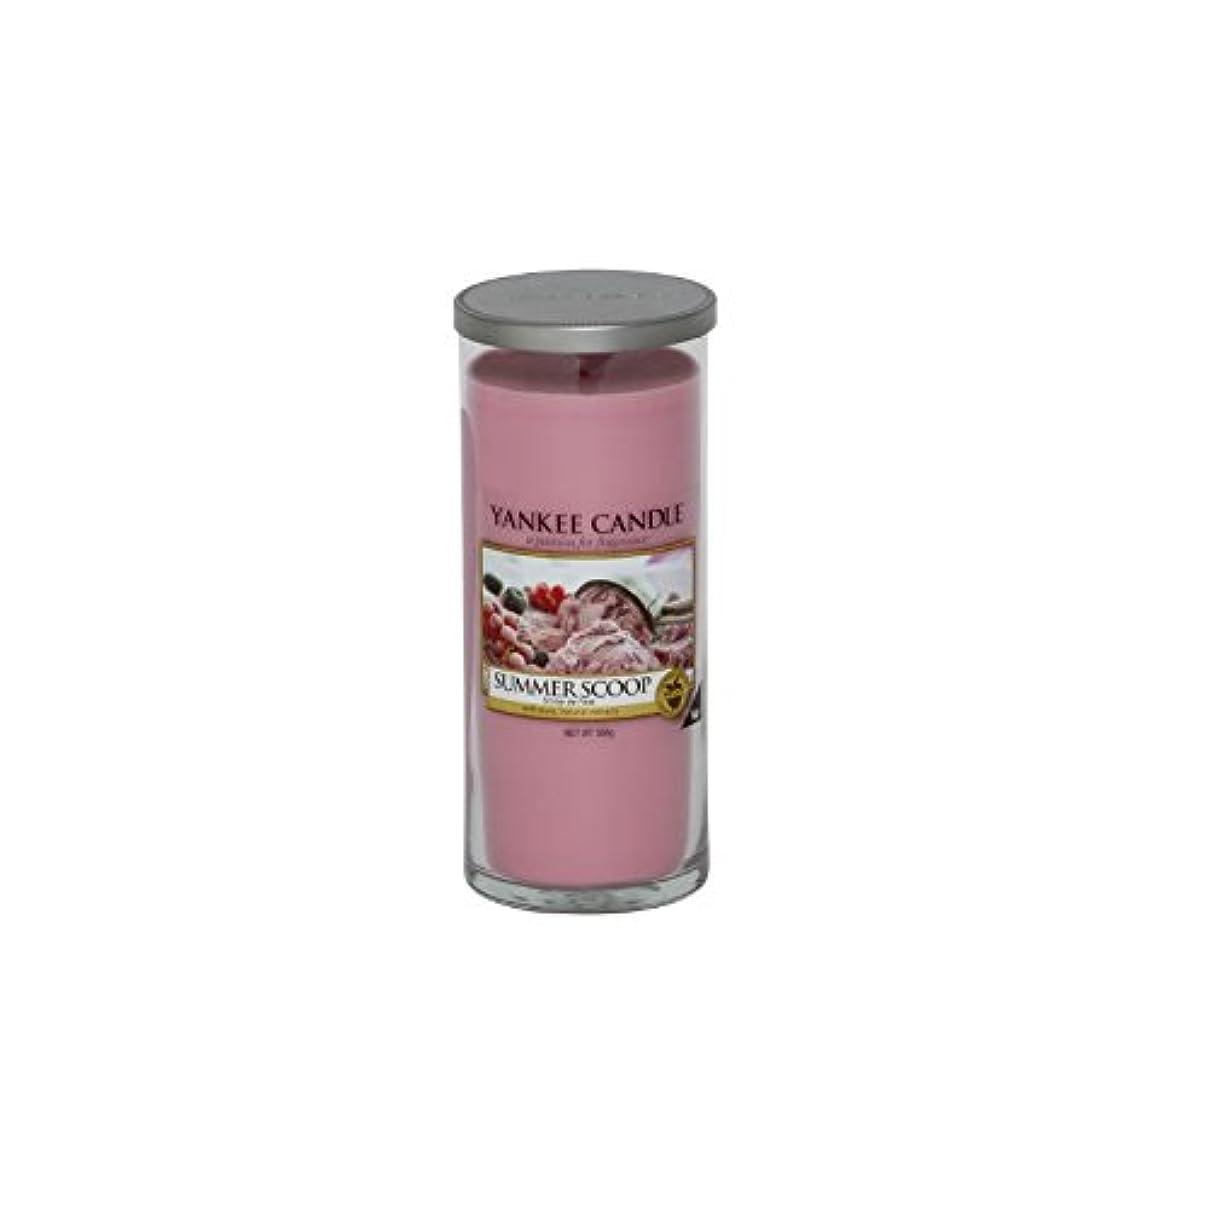 頭痛ブラウス局Yankee Candles Large Pillar Candle - Summer Scoop (Pack of 6) - ヤンキーキャンドル大きな柱キャンドル - 夏のスクープ (x6) [並行輸入品]